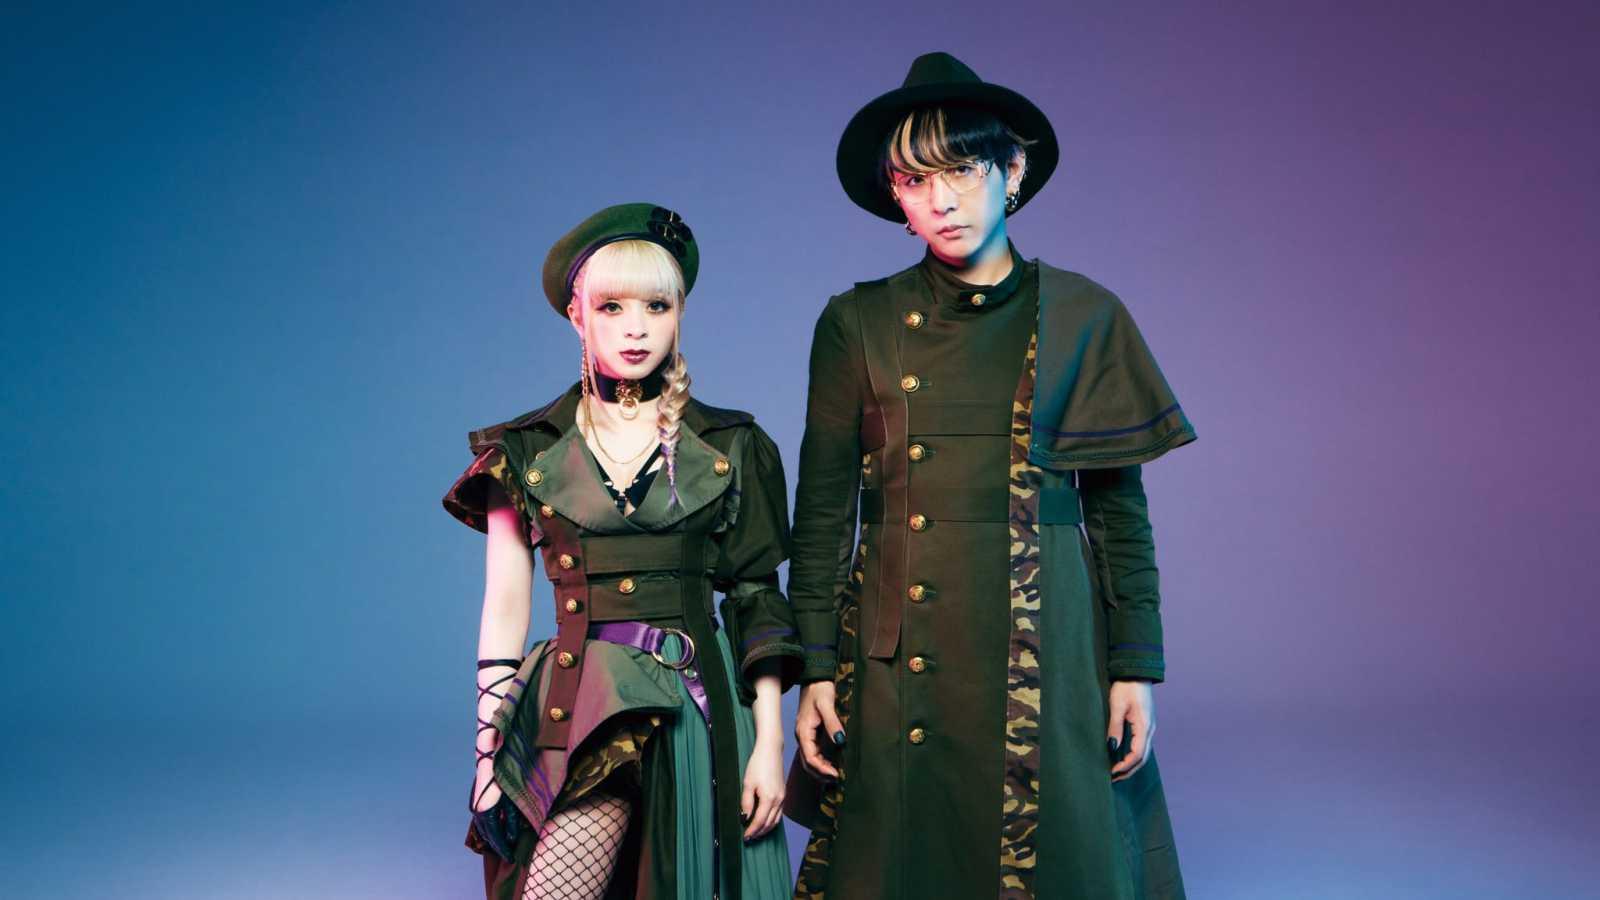 GARNiDELiA anuncia un nuevo álbum recopilatorio y su salida de Sony © GARNiDELiA